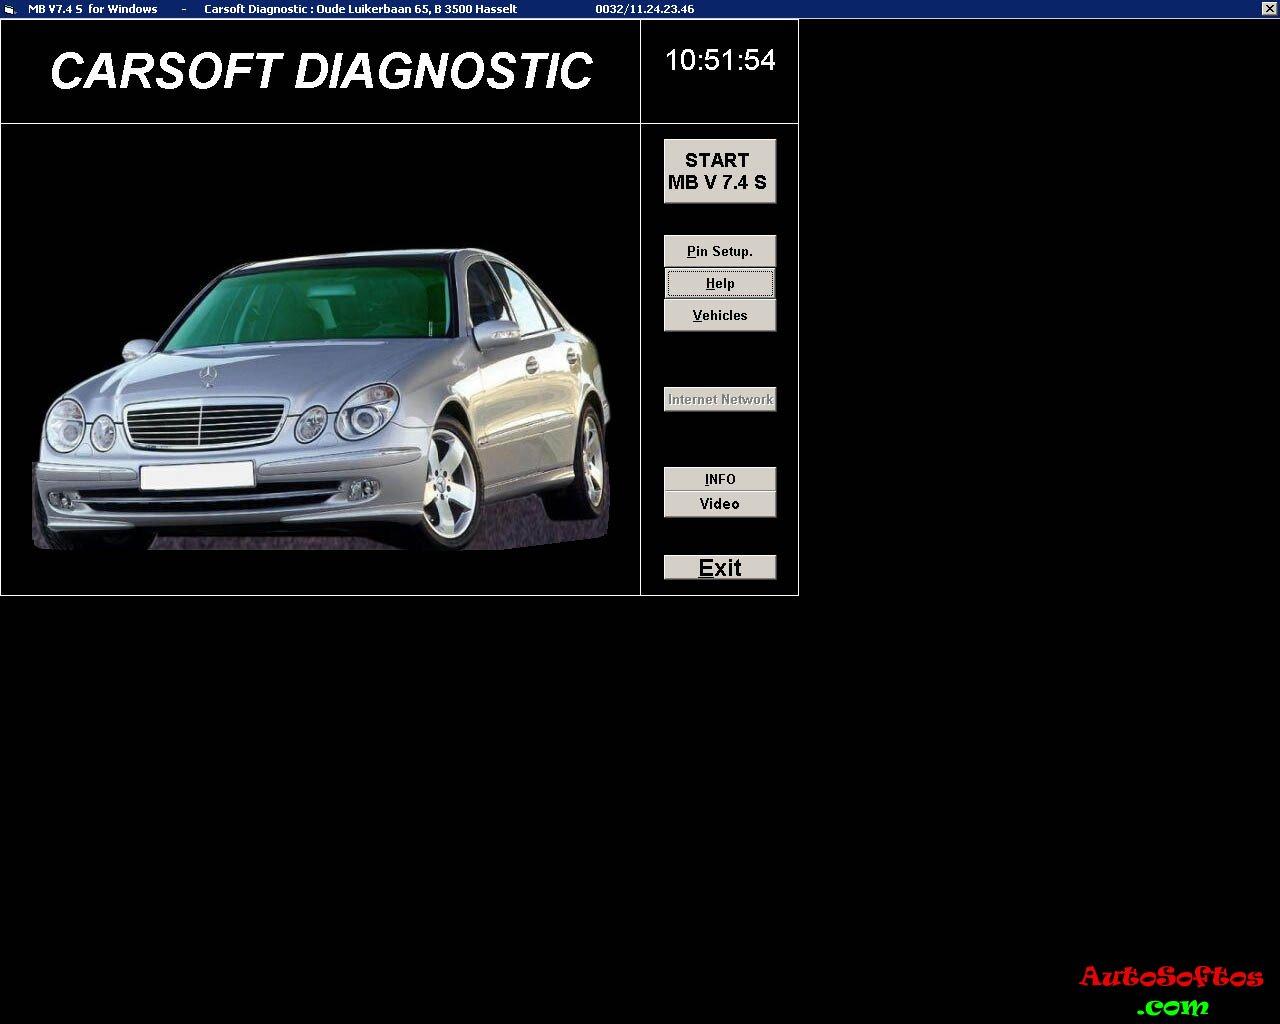 программа для диагностики автомобиля ваз через ноутбук скачать бесплатно